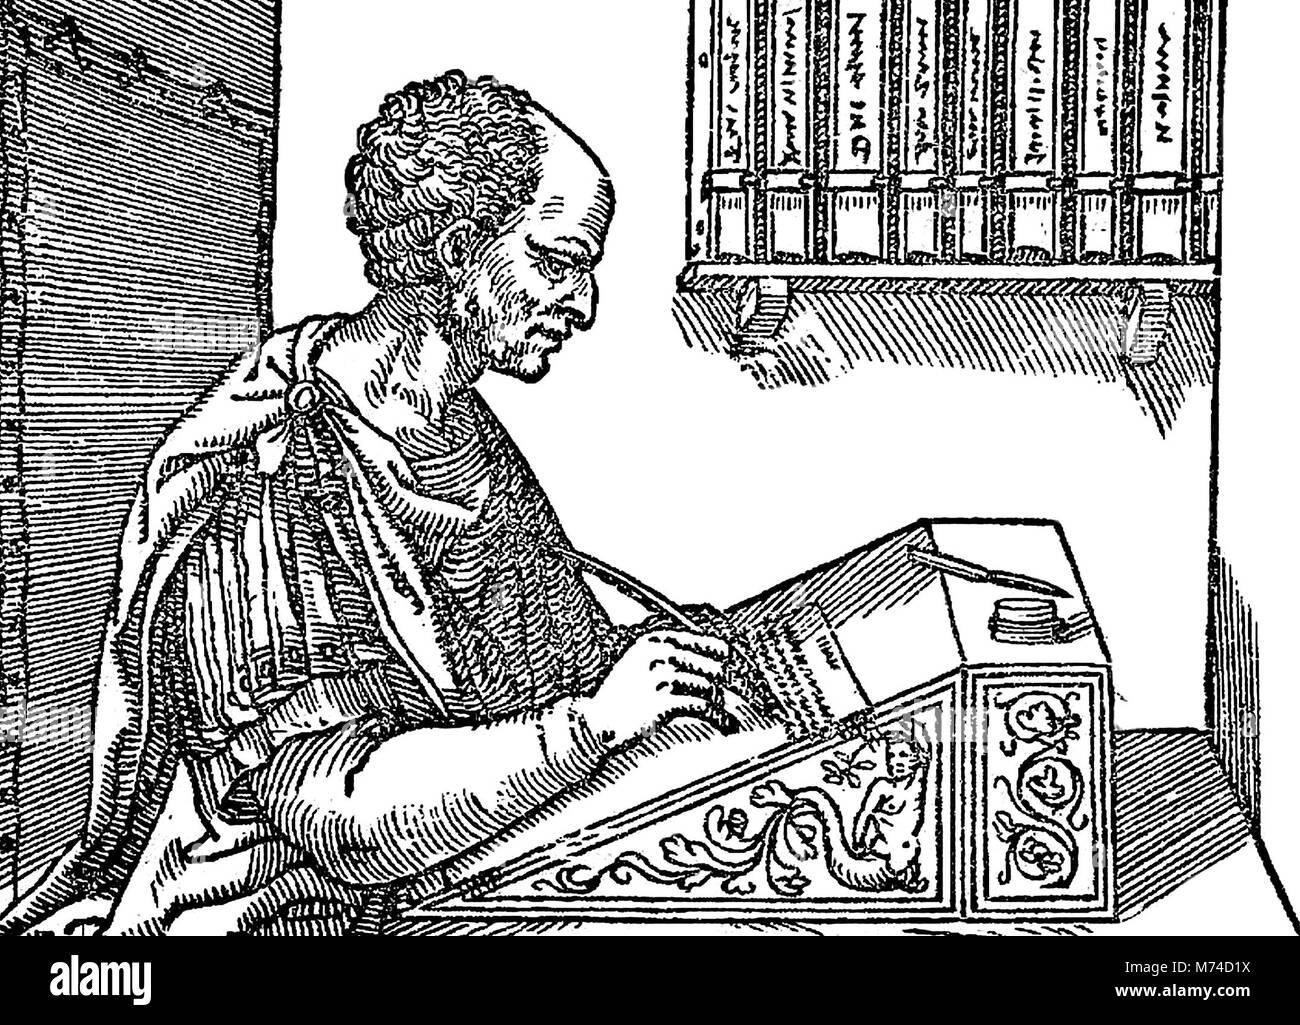 Cícero (106 A.C. - 43 a.C.) a escrever suas cartas, uma xilogravura de Marcus Tullius Cicero datado de 1547. Imagens de Stock